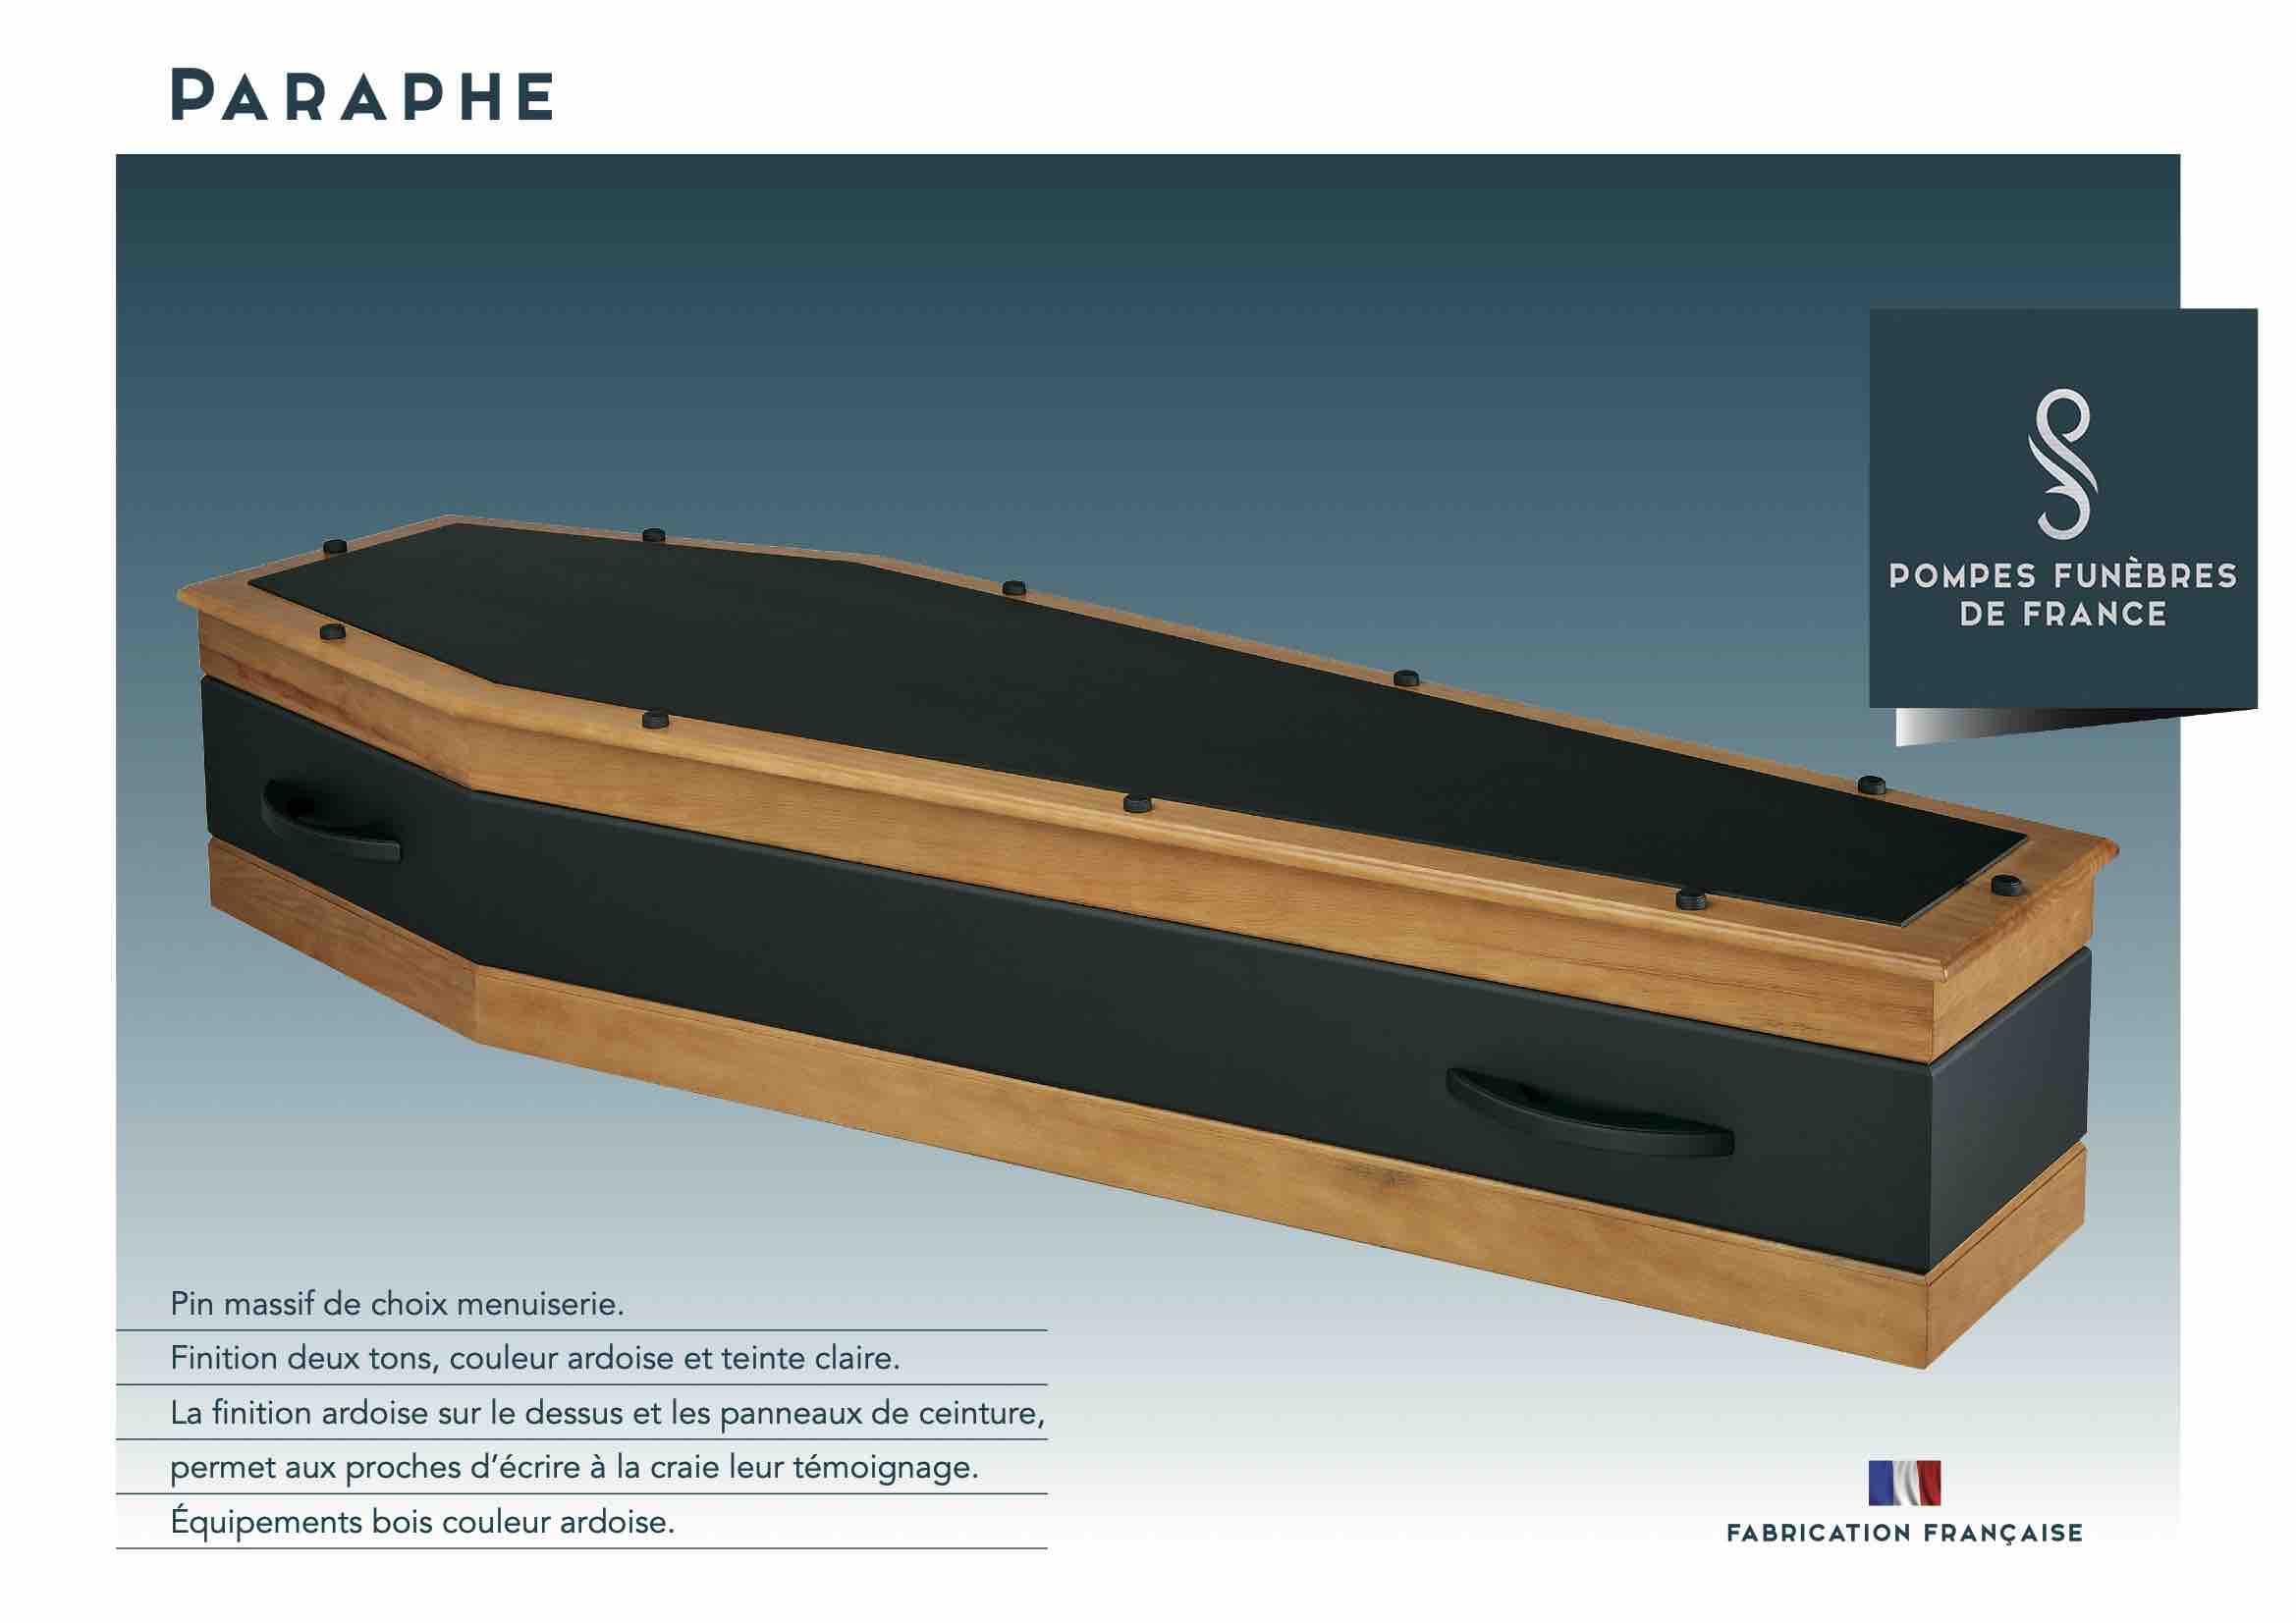 Cercueil Paraphe